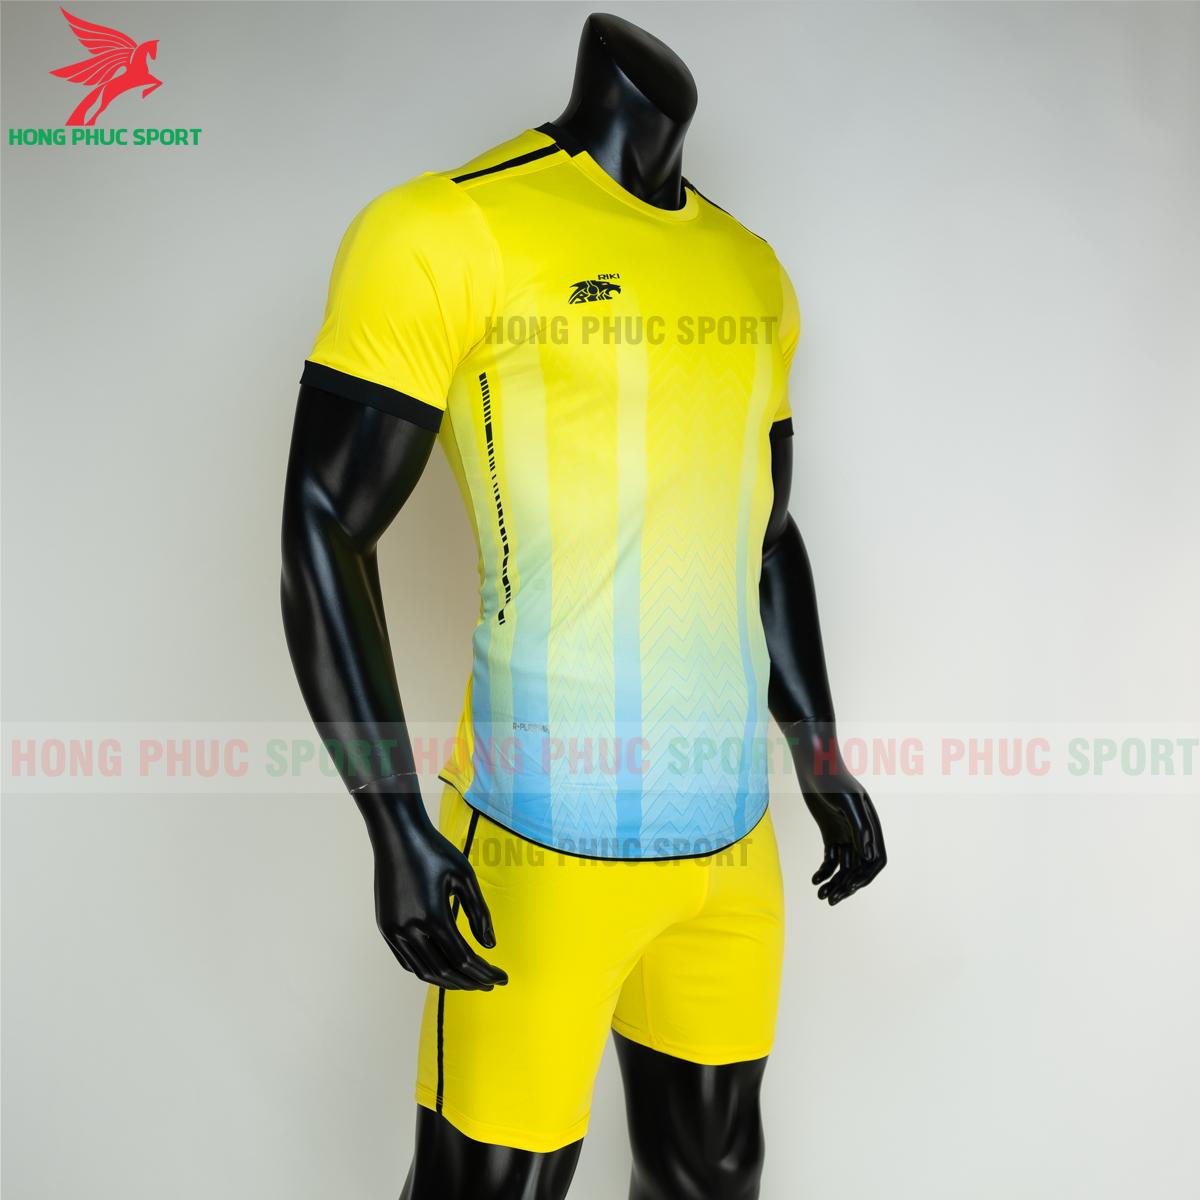 Áo đá banh không logo RIKI FURIOR 2021 màu Vàng (phải)